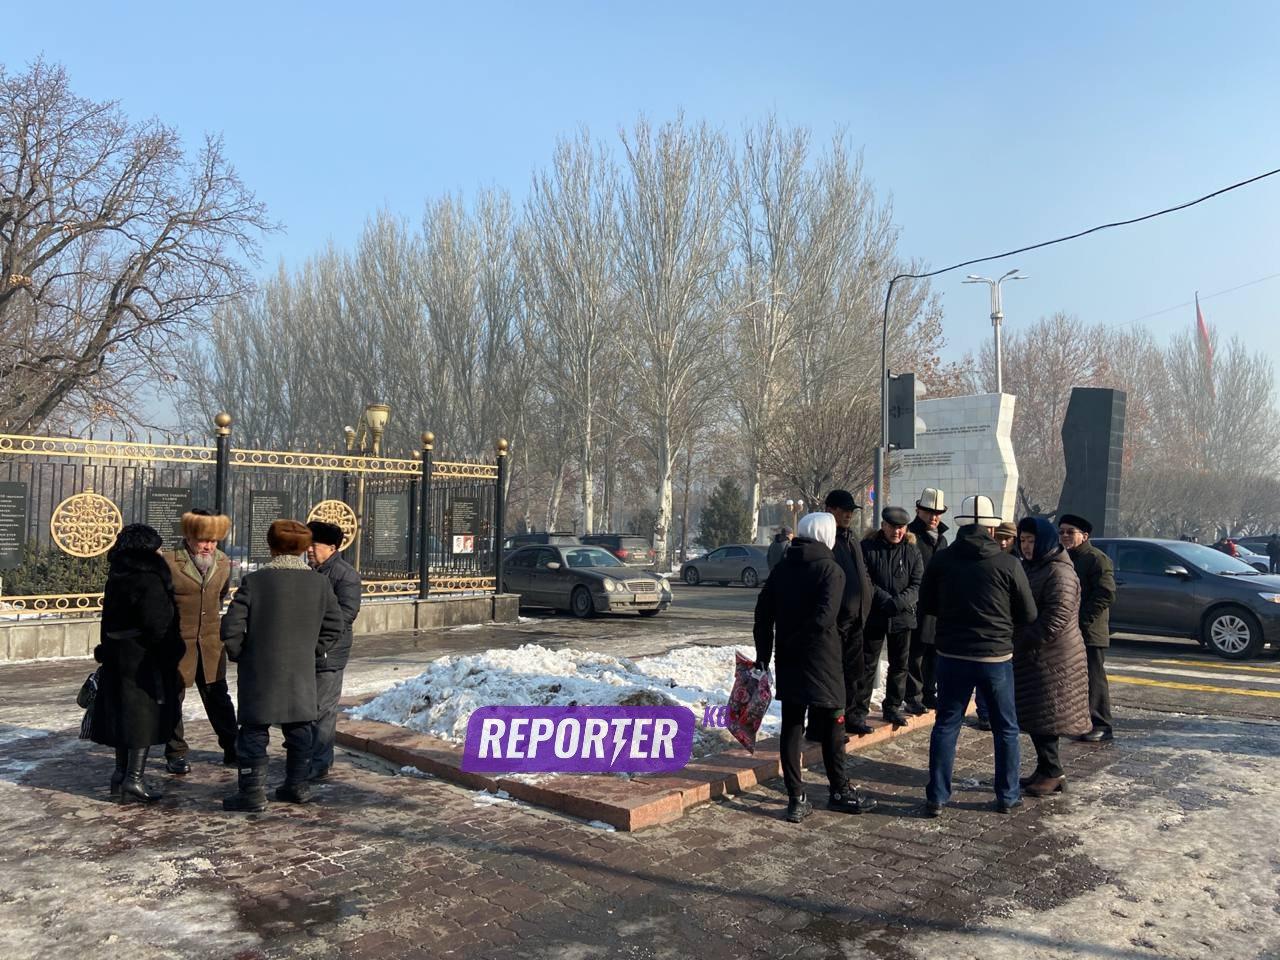 ТҮЗ ЭФИР: Жогорку Кеңештин жанында парламентти таратуу митинги өтүп жатат